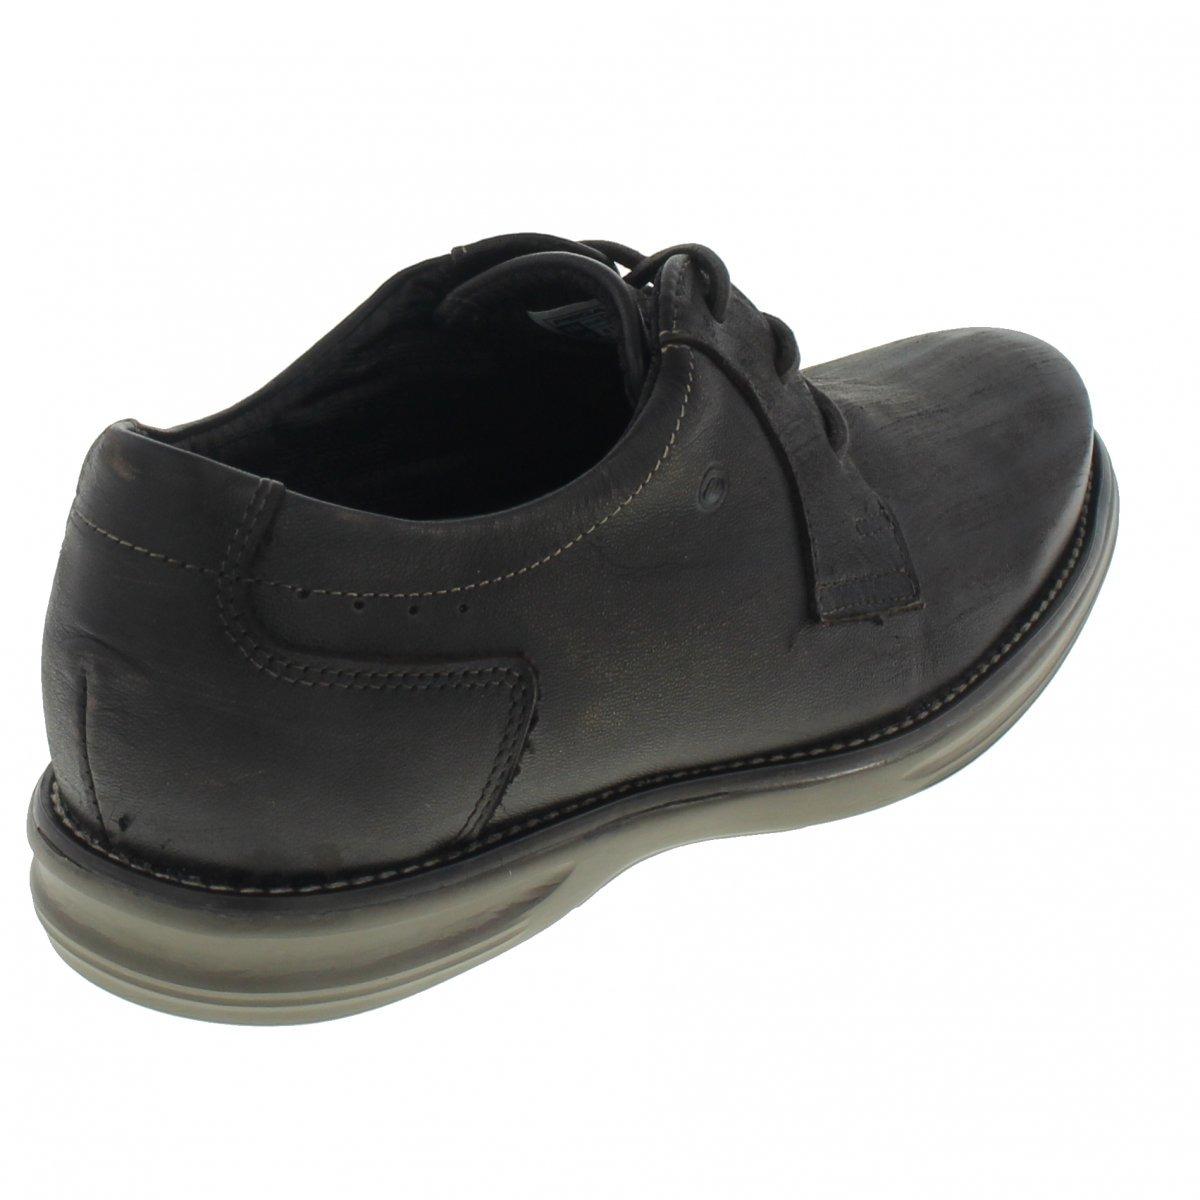 5c4ead18a4 Sapato Social Pegada 124902-03 Goat Brown Masculino - R$ 219,90 em ...